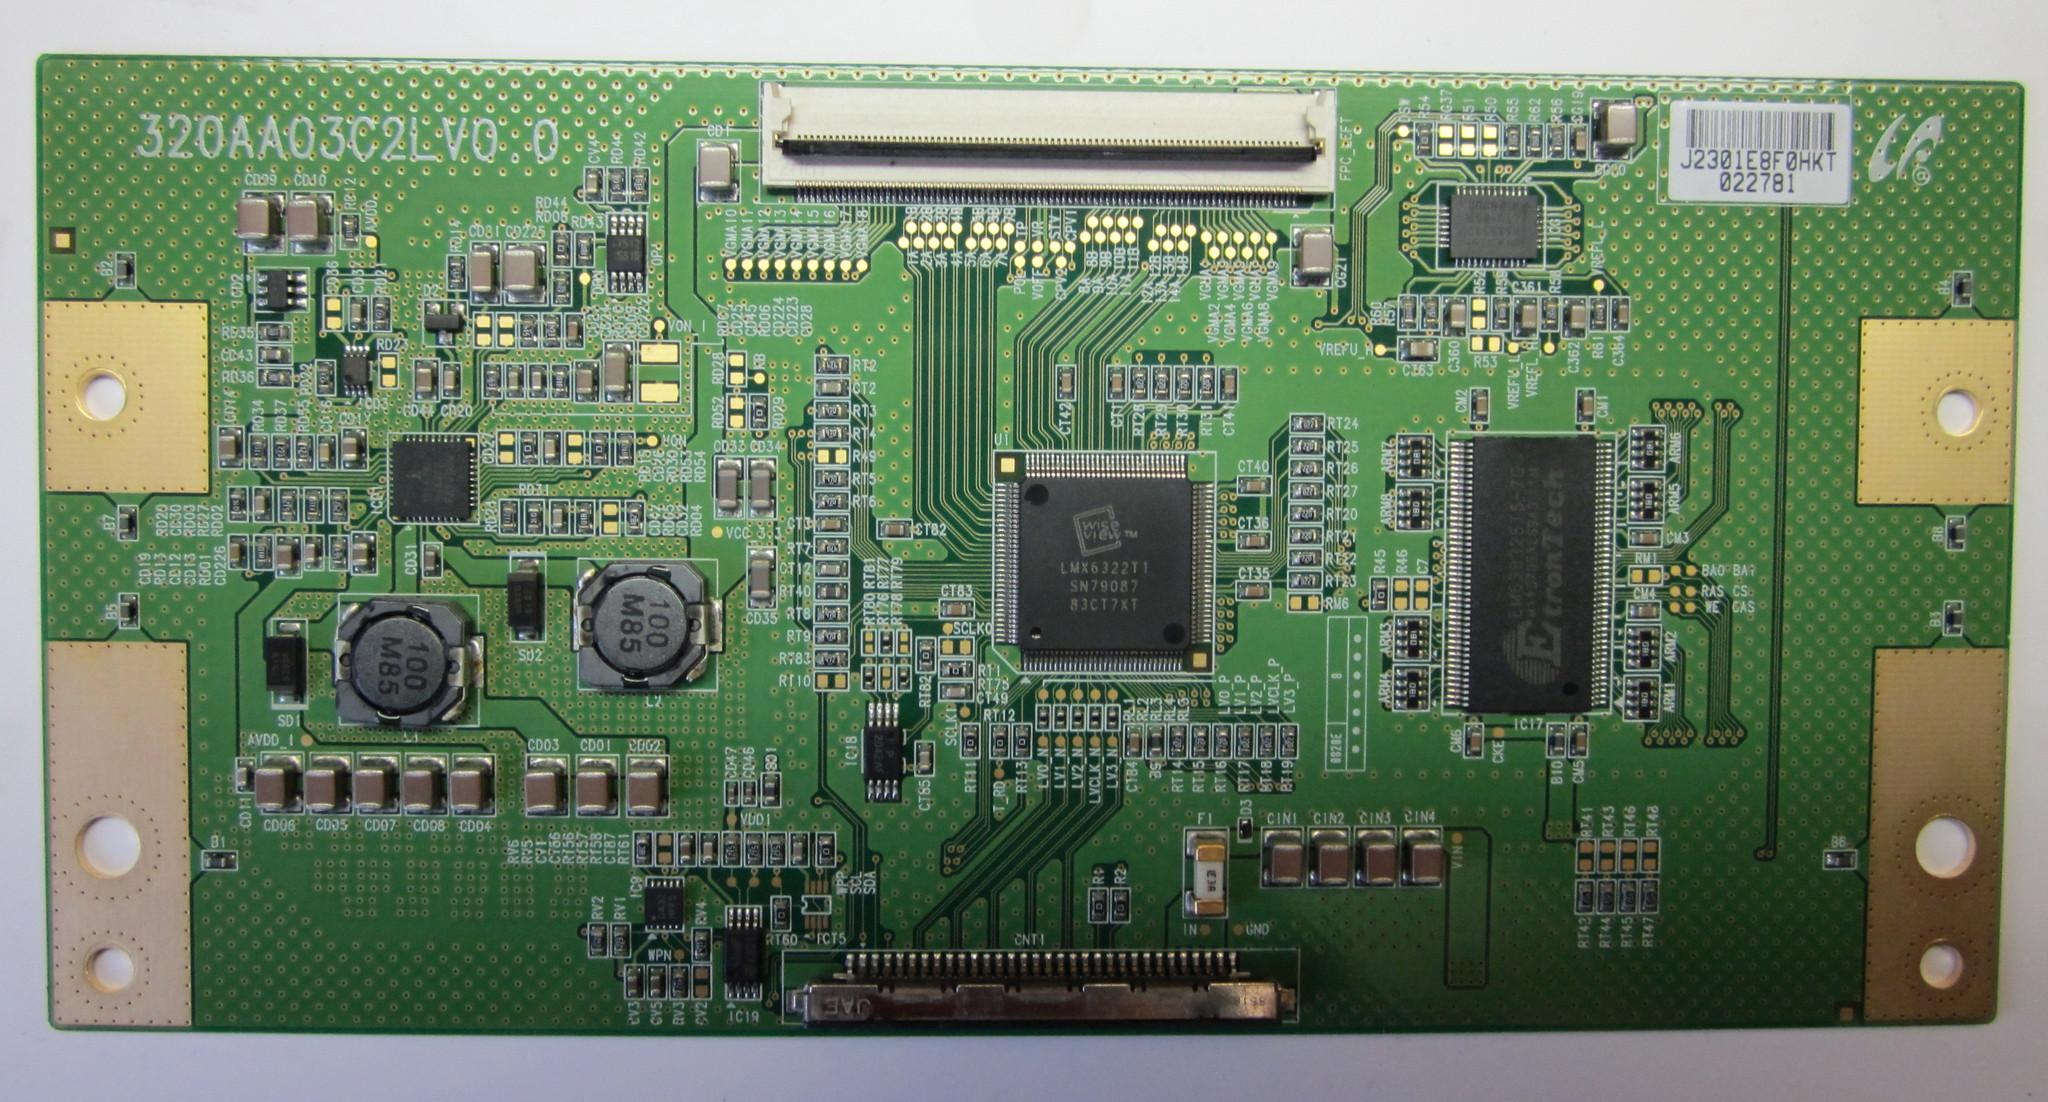 320AA03C2LV0.0